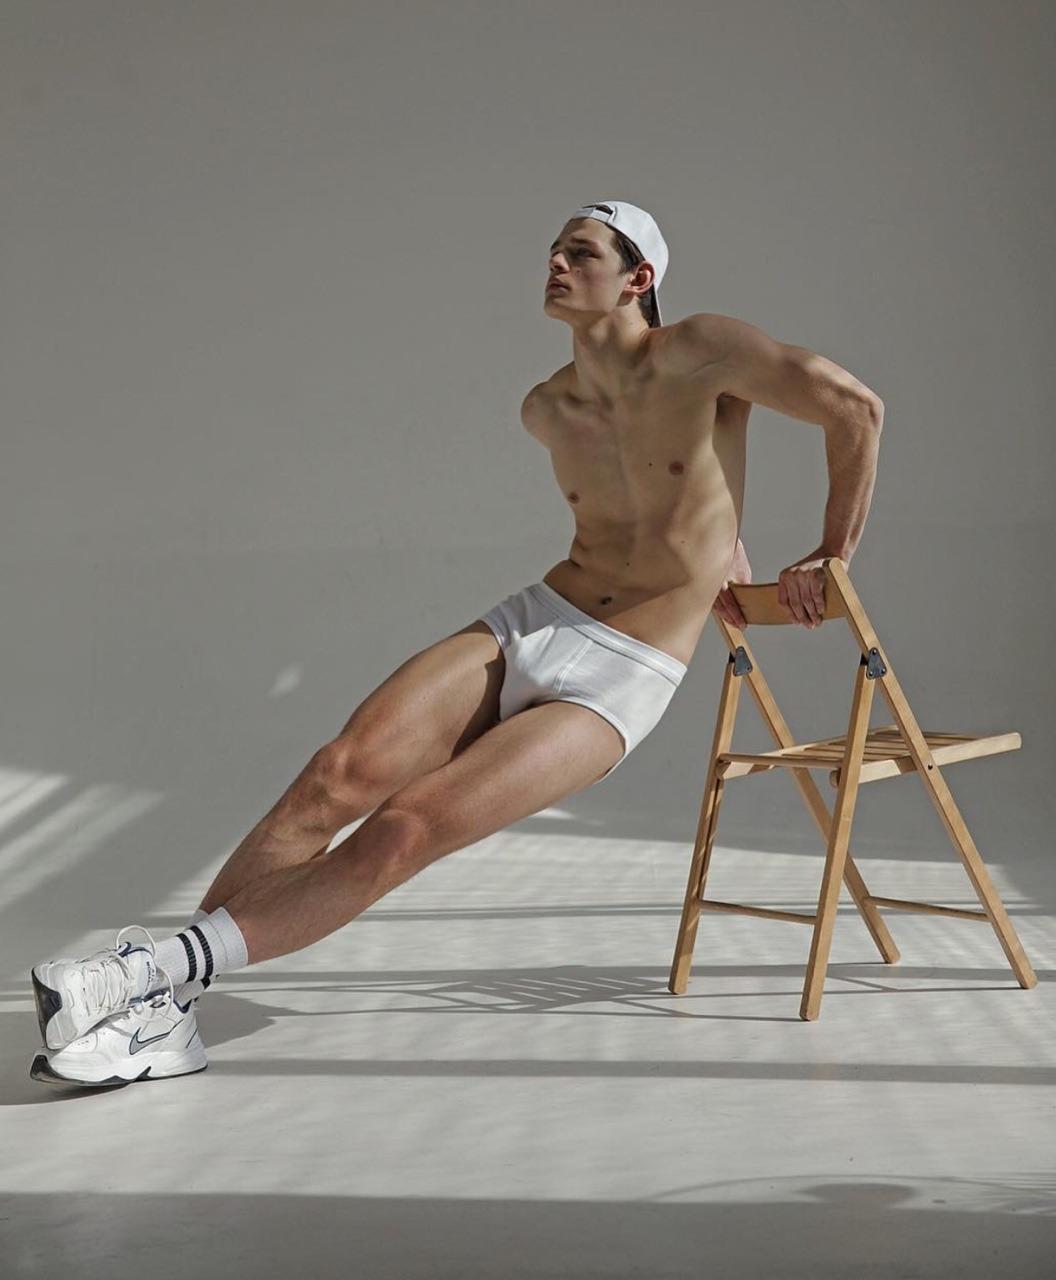 handsome guy, underwear, white, hat